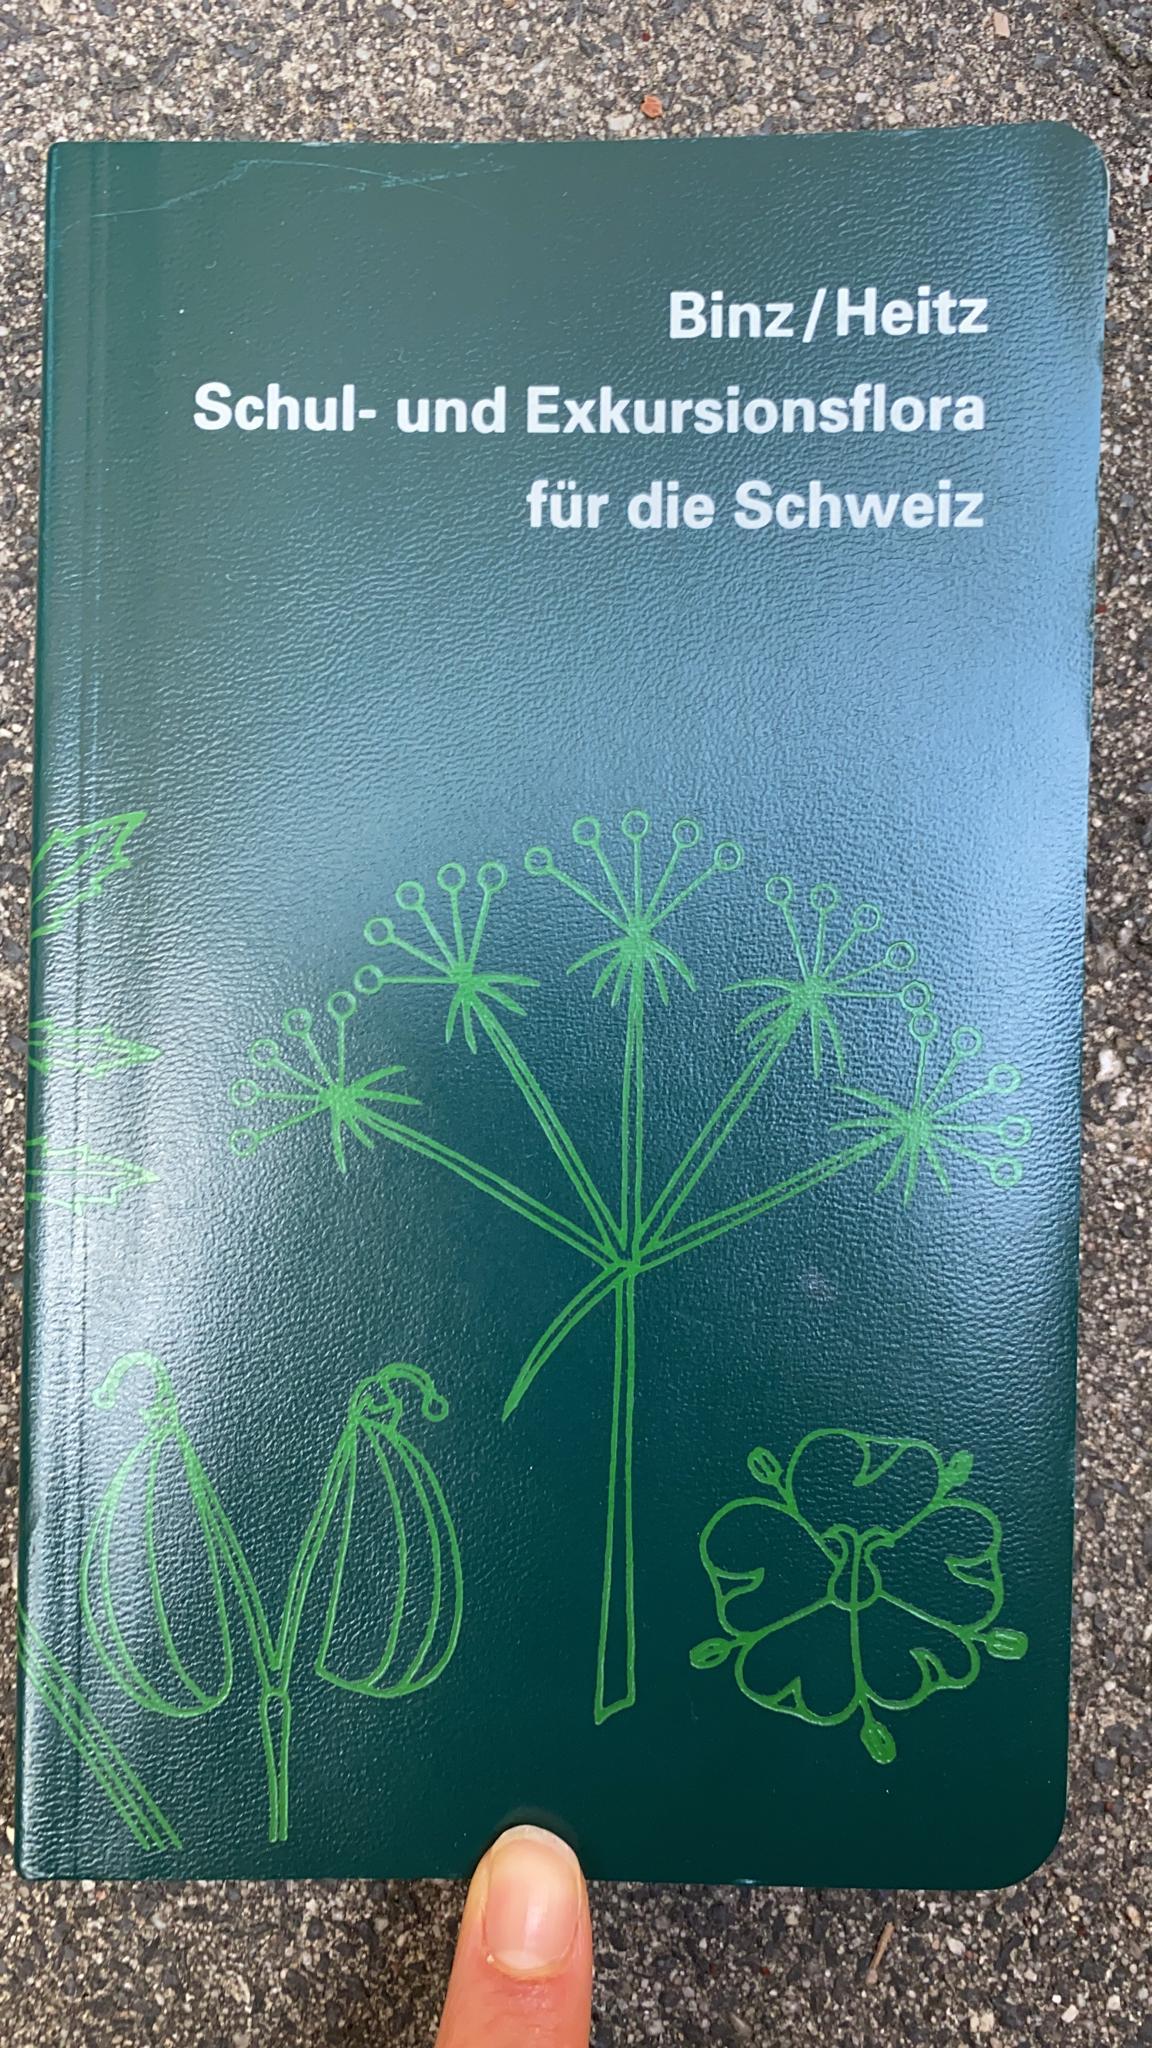 Anhang Binz_Heitz Schul- und Exkursionsflora für die Schweiz.jpg